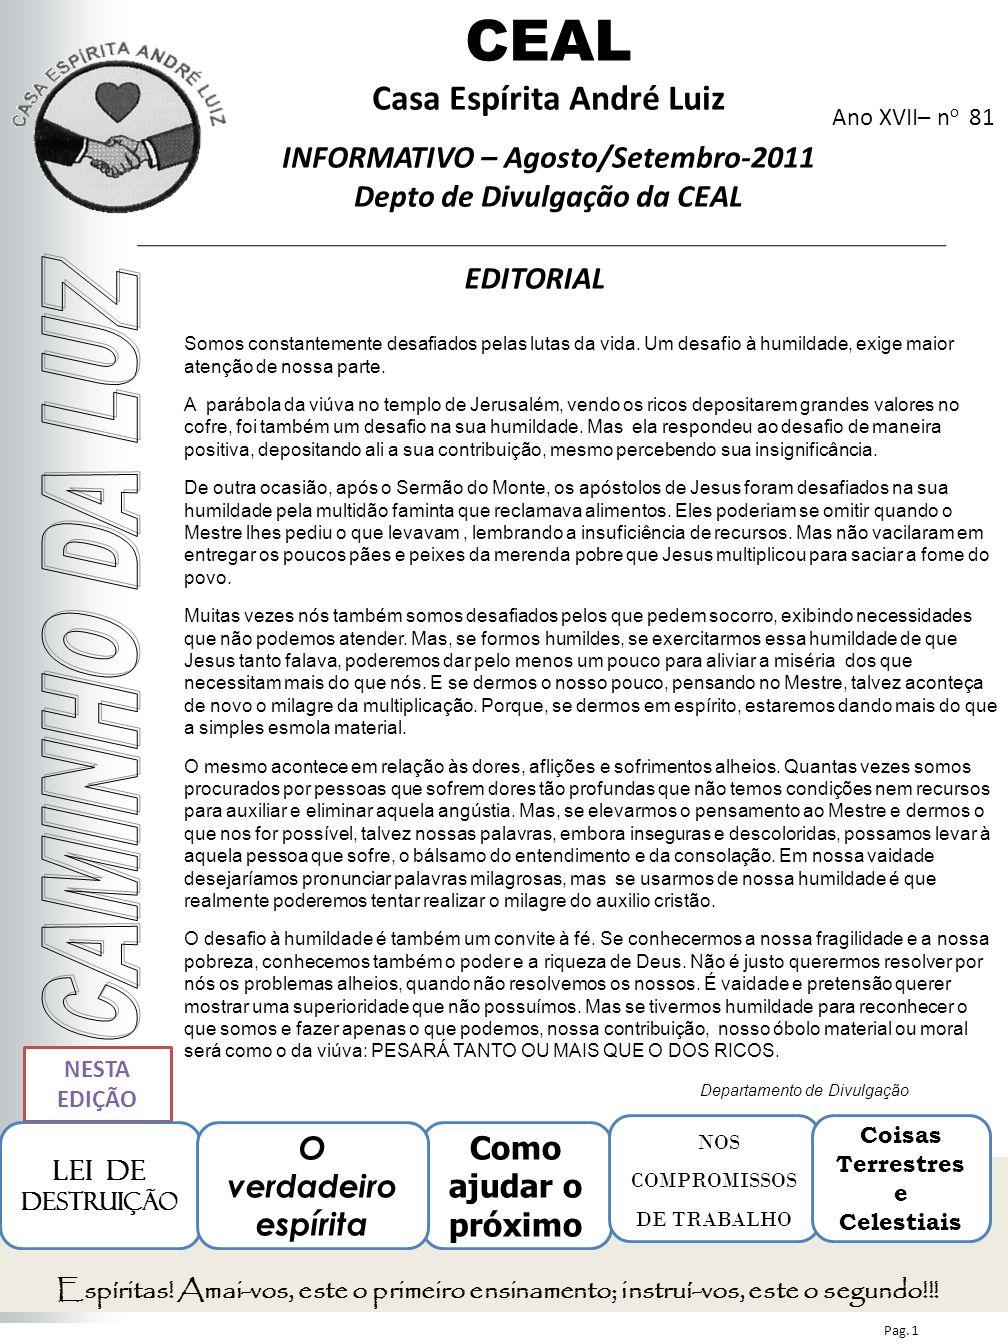 Ano XVII– n o 81 EDITORIAL CEAL Casa Espírita André Luiz INFORMATIVO – Agosto/Setembro-2011 Depto de Divulgação da CEAL NESTA EDIÇÃO Como ajudar o pró